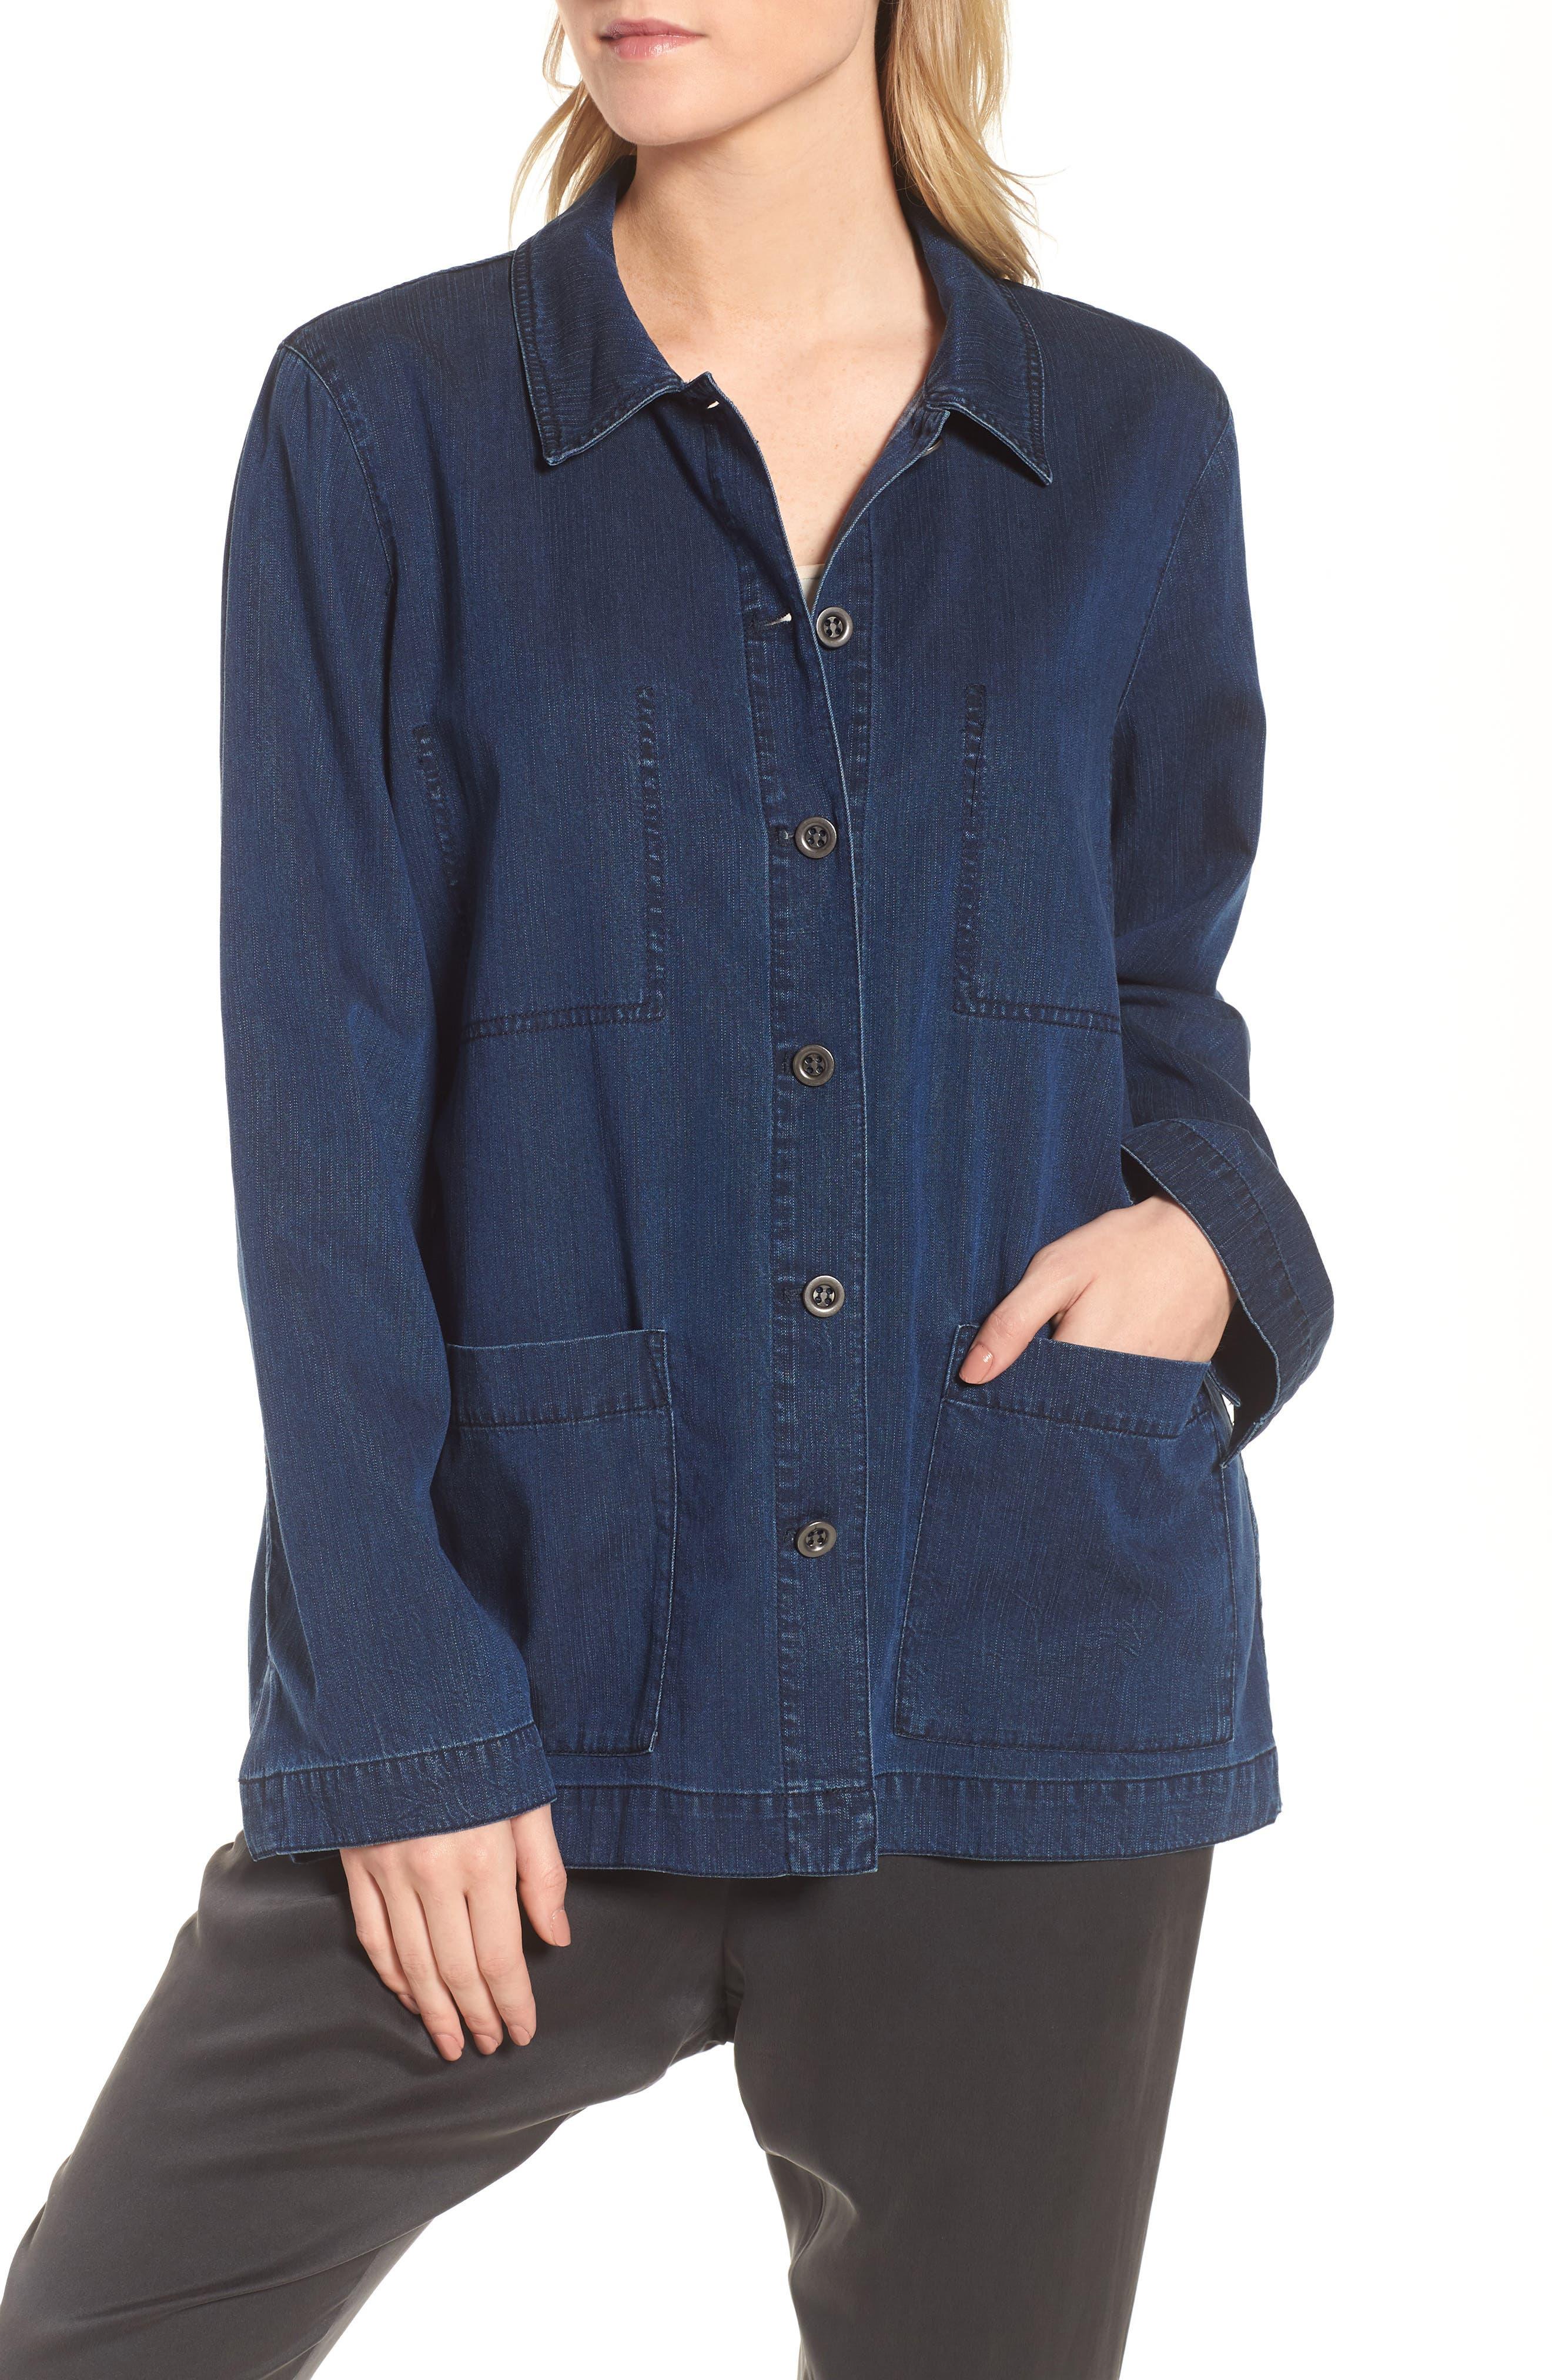 Soft Cotton Blend Denim Jacket,                             Alternate thumbnail 4, color,                             419